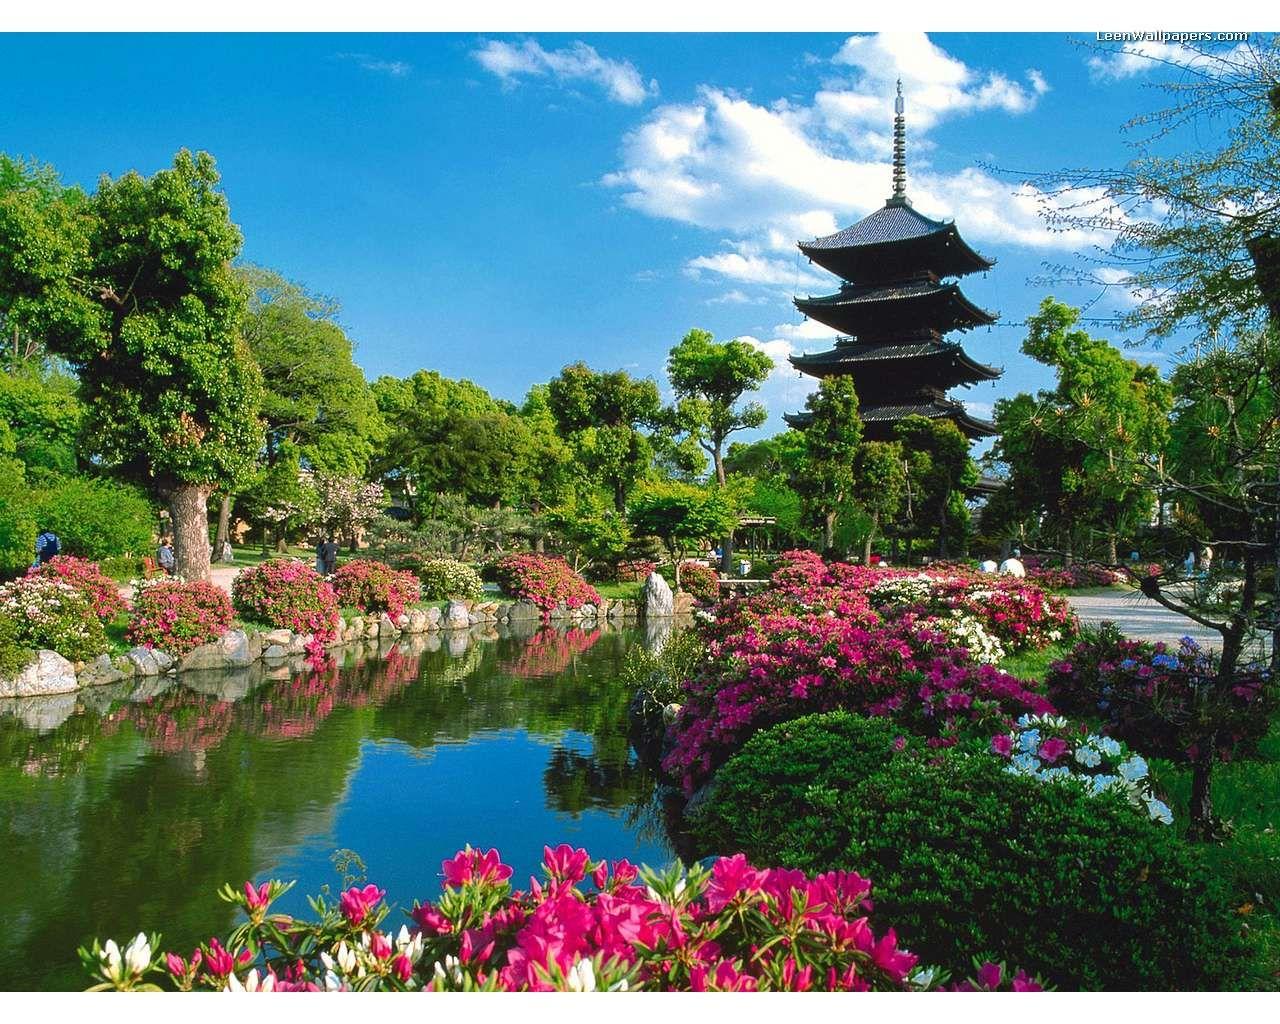 free desktop wallpaper beautiful day in japan garden